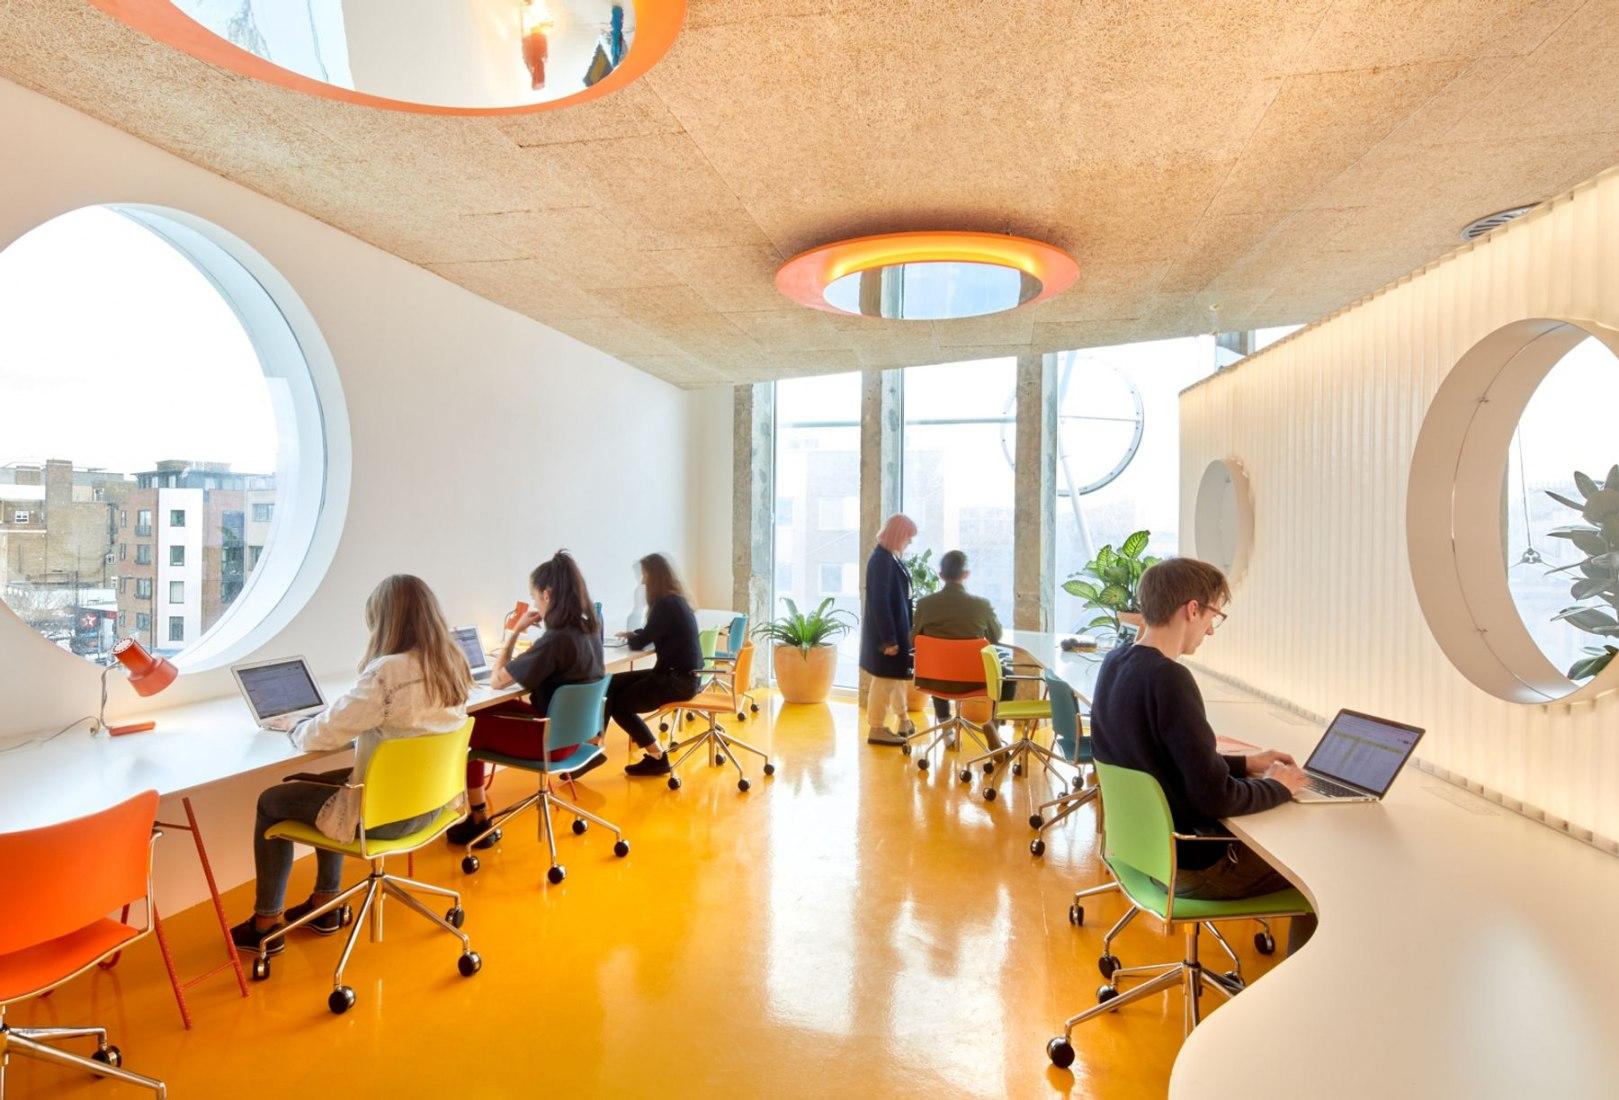 Second Home London Fields por Cano Lasso Architects. Fotografía cortesía de Second Home